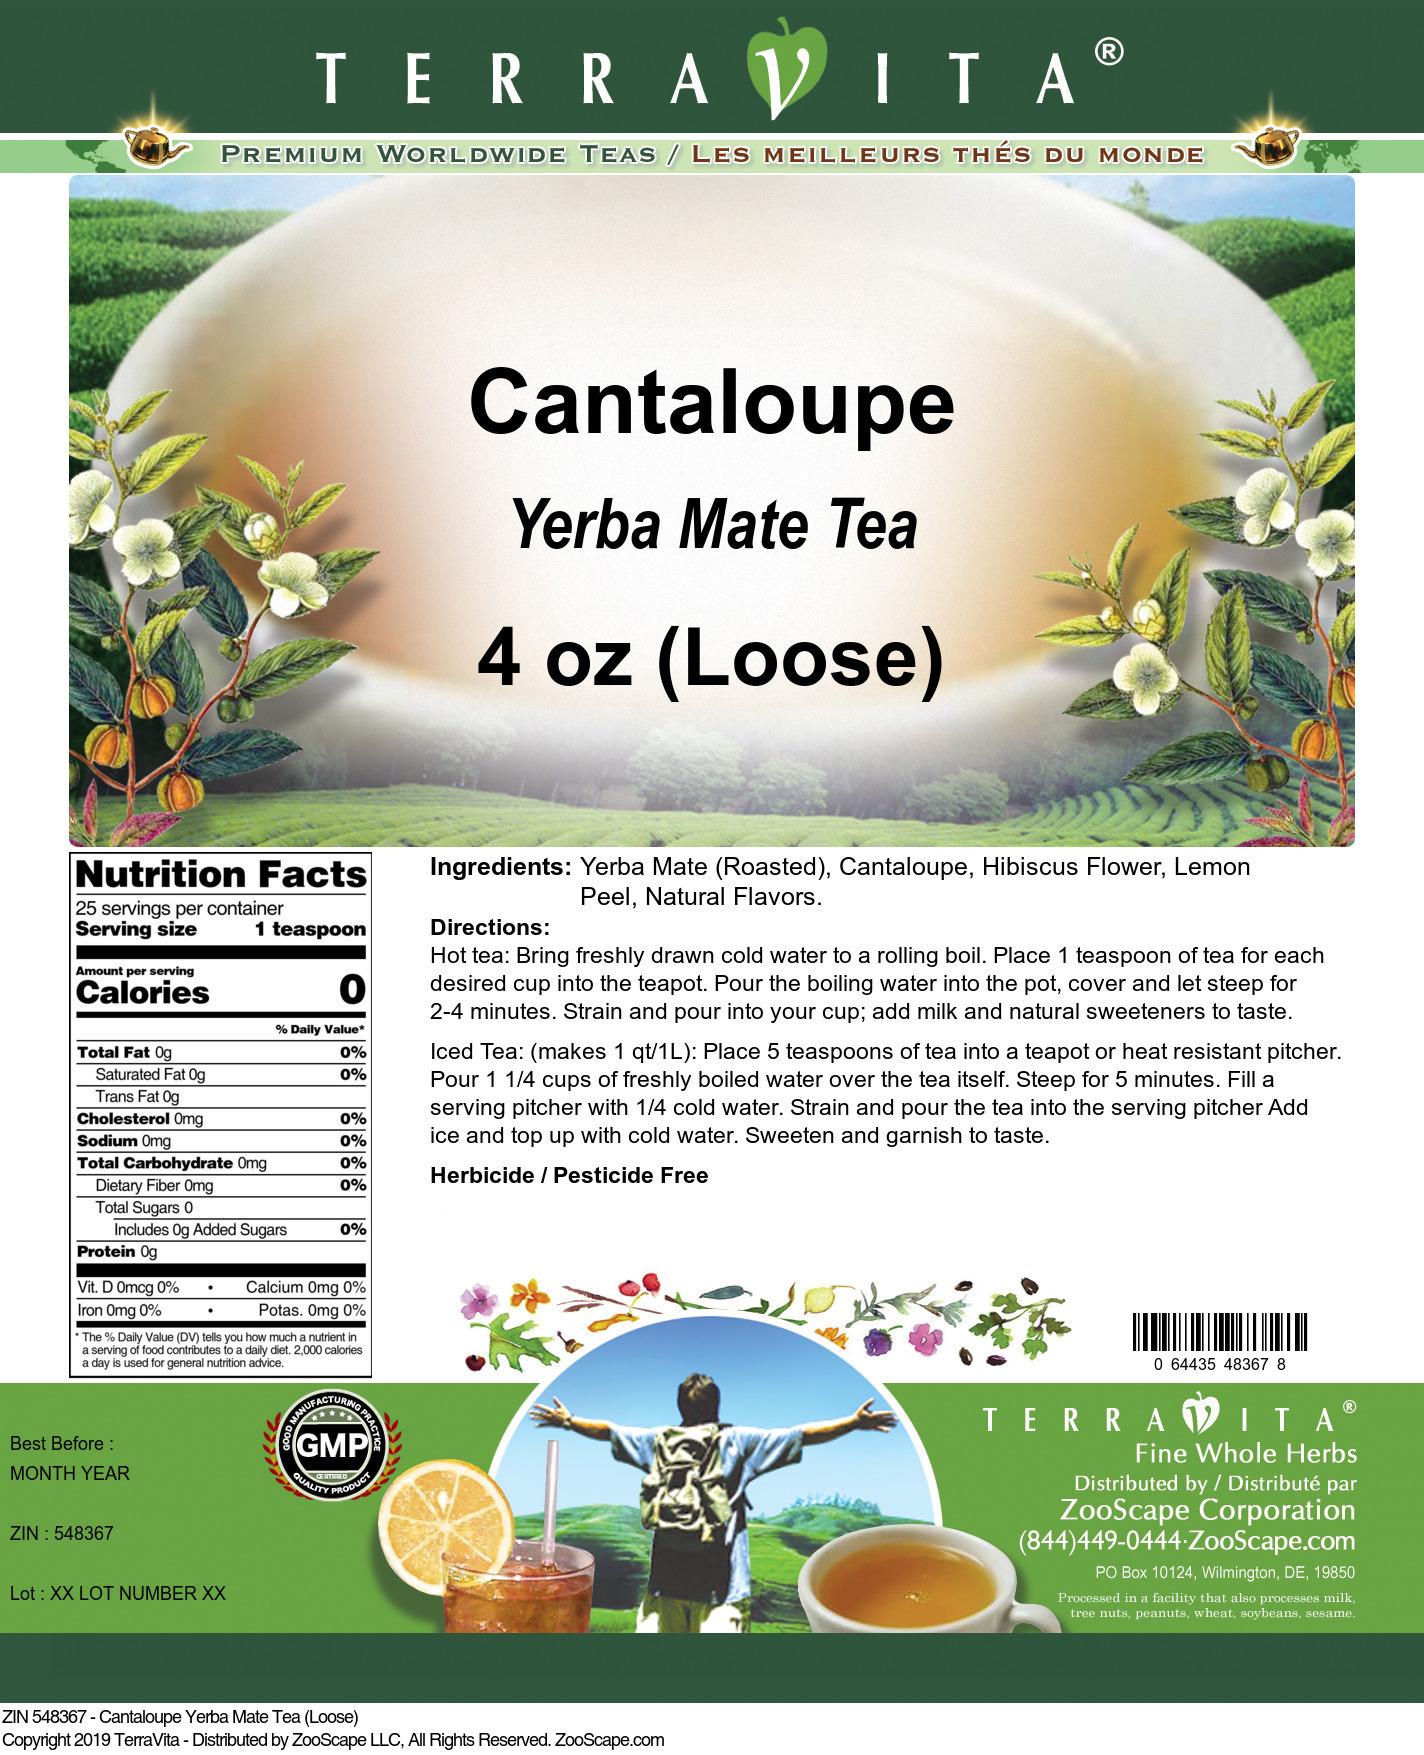 Cantaloupe Yerba Mate Tea (Loose)